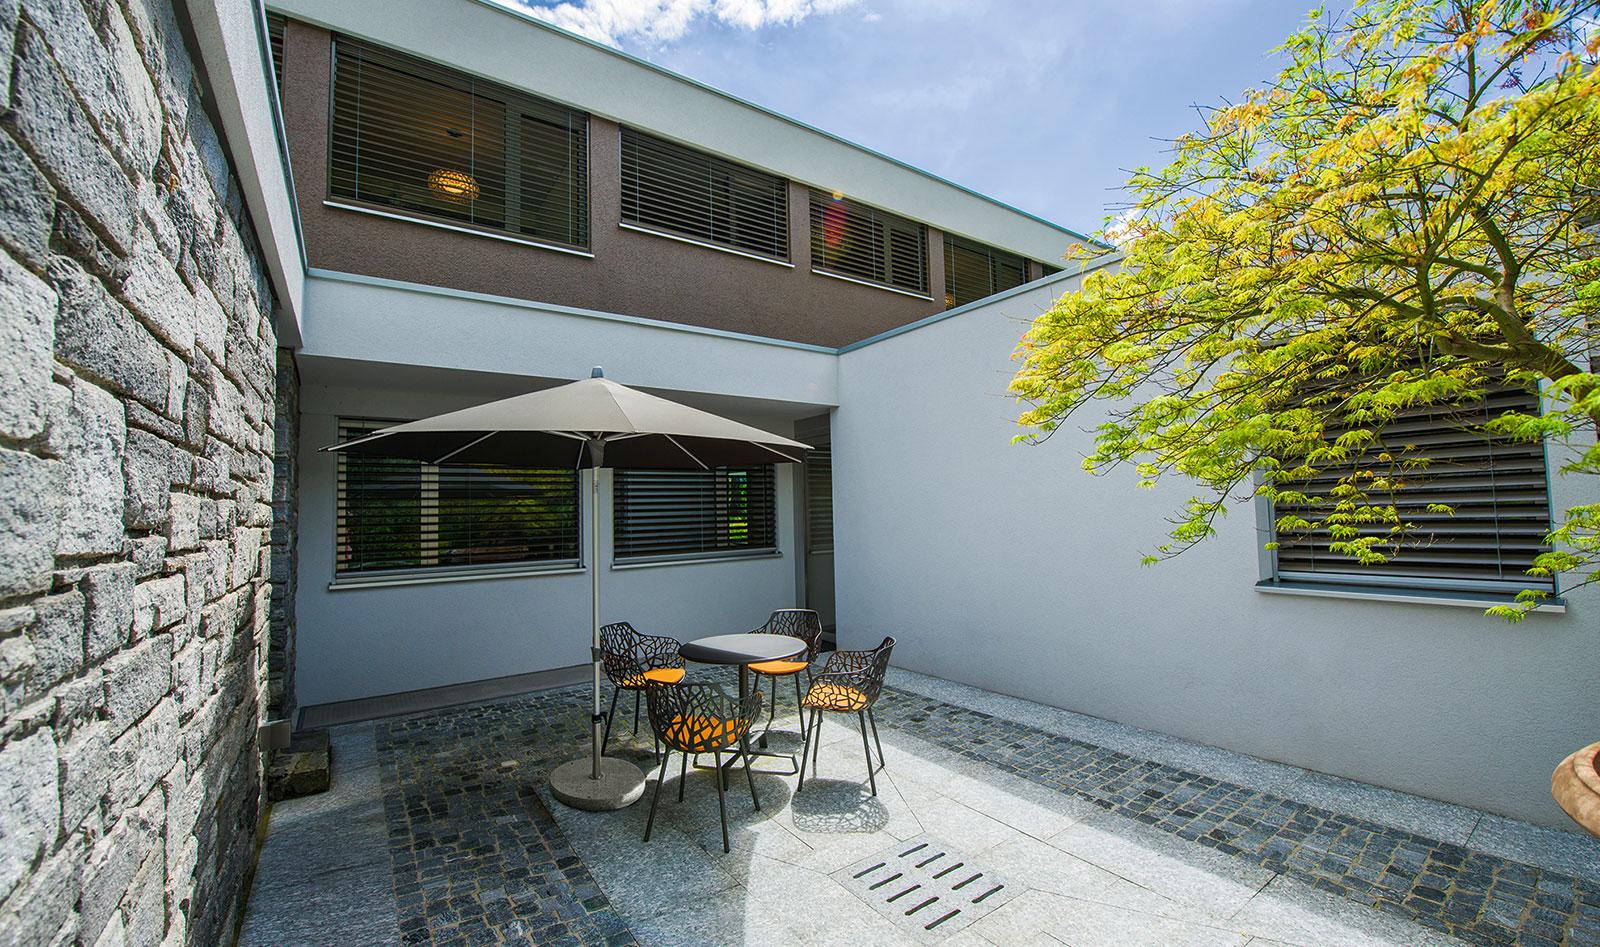 Ein Innenhof mit großem Sonnenschirm